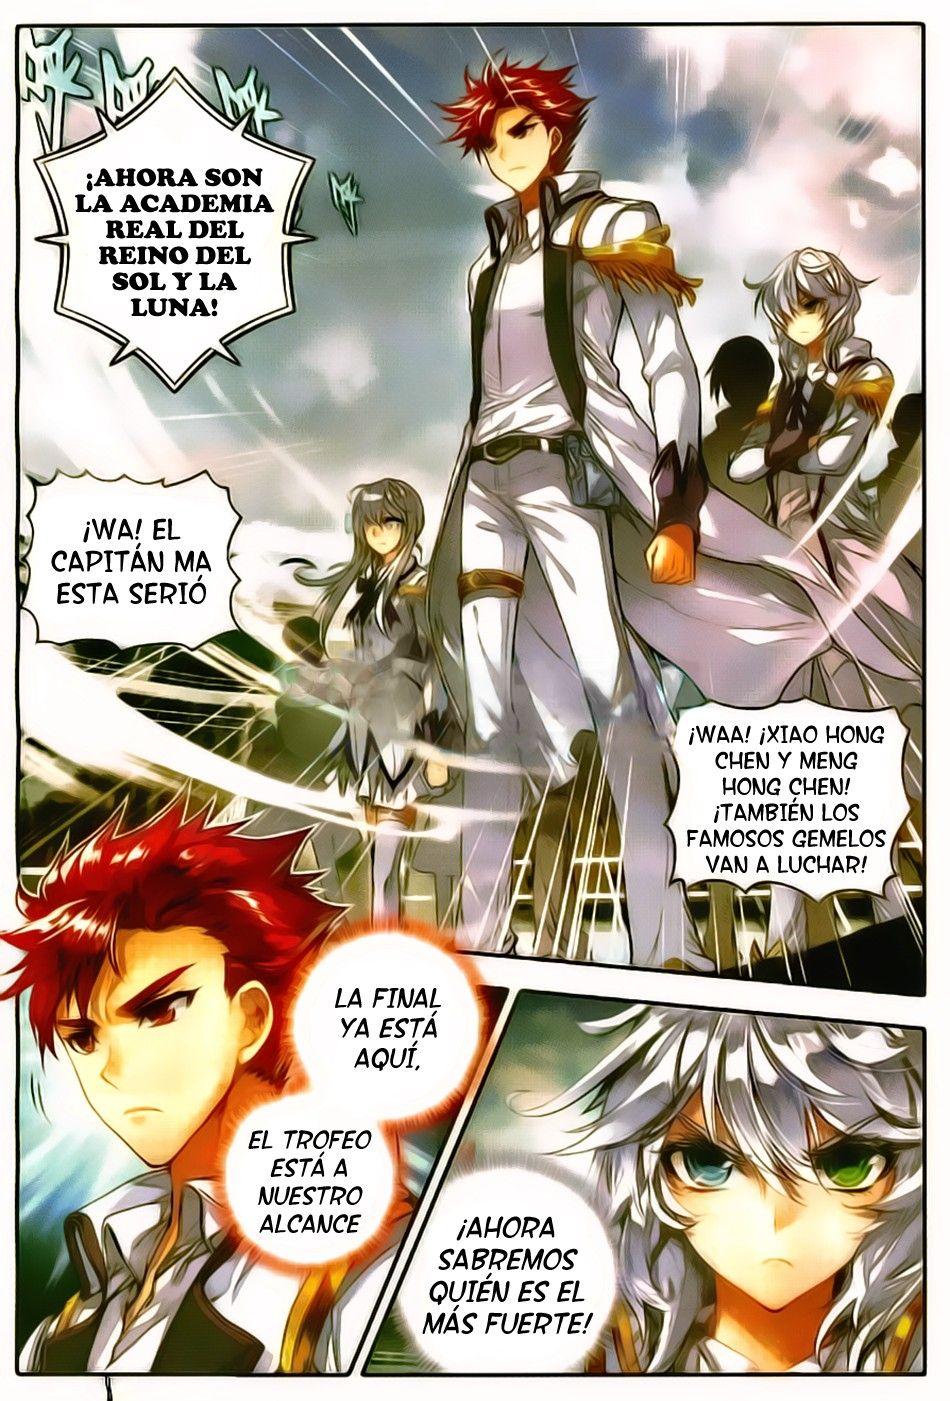 http://c5.ninemanga.com/es_manga/pic2/33/16417/514027/b7efa1995f74c054a5ebdfd68f3844dc.jpg Page 4